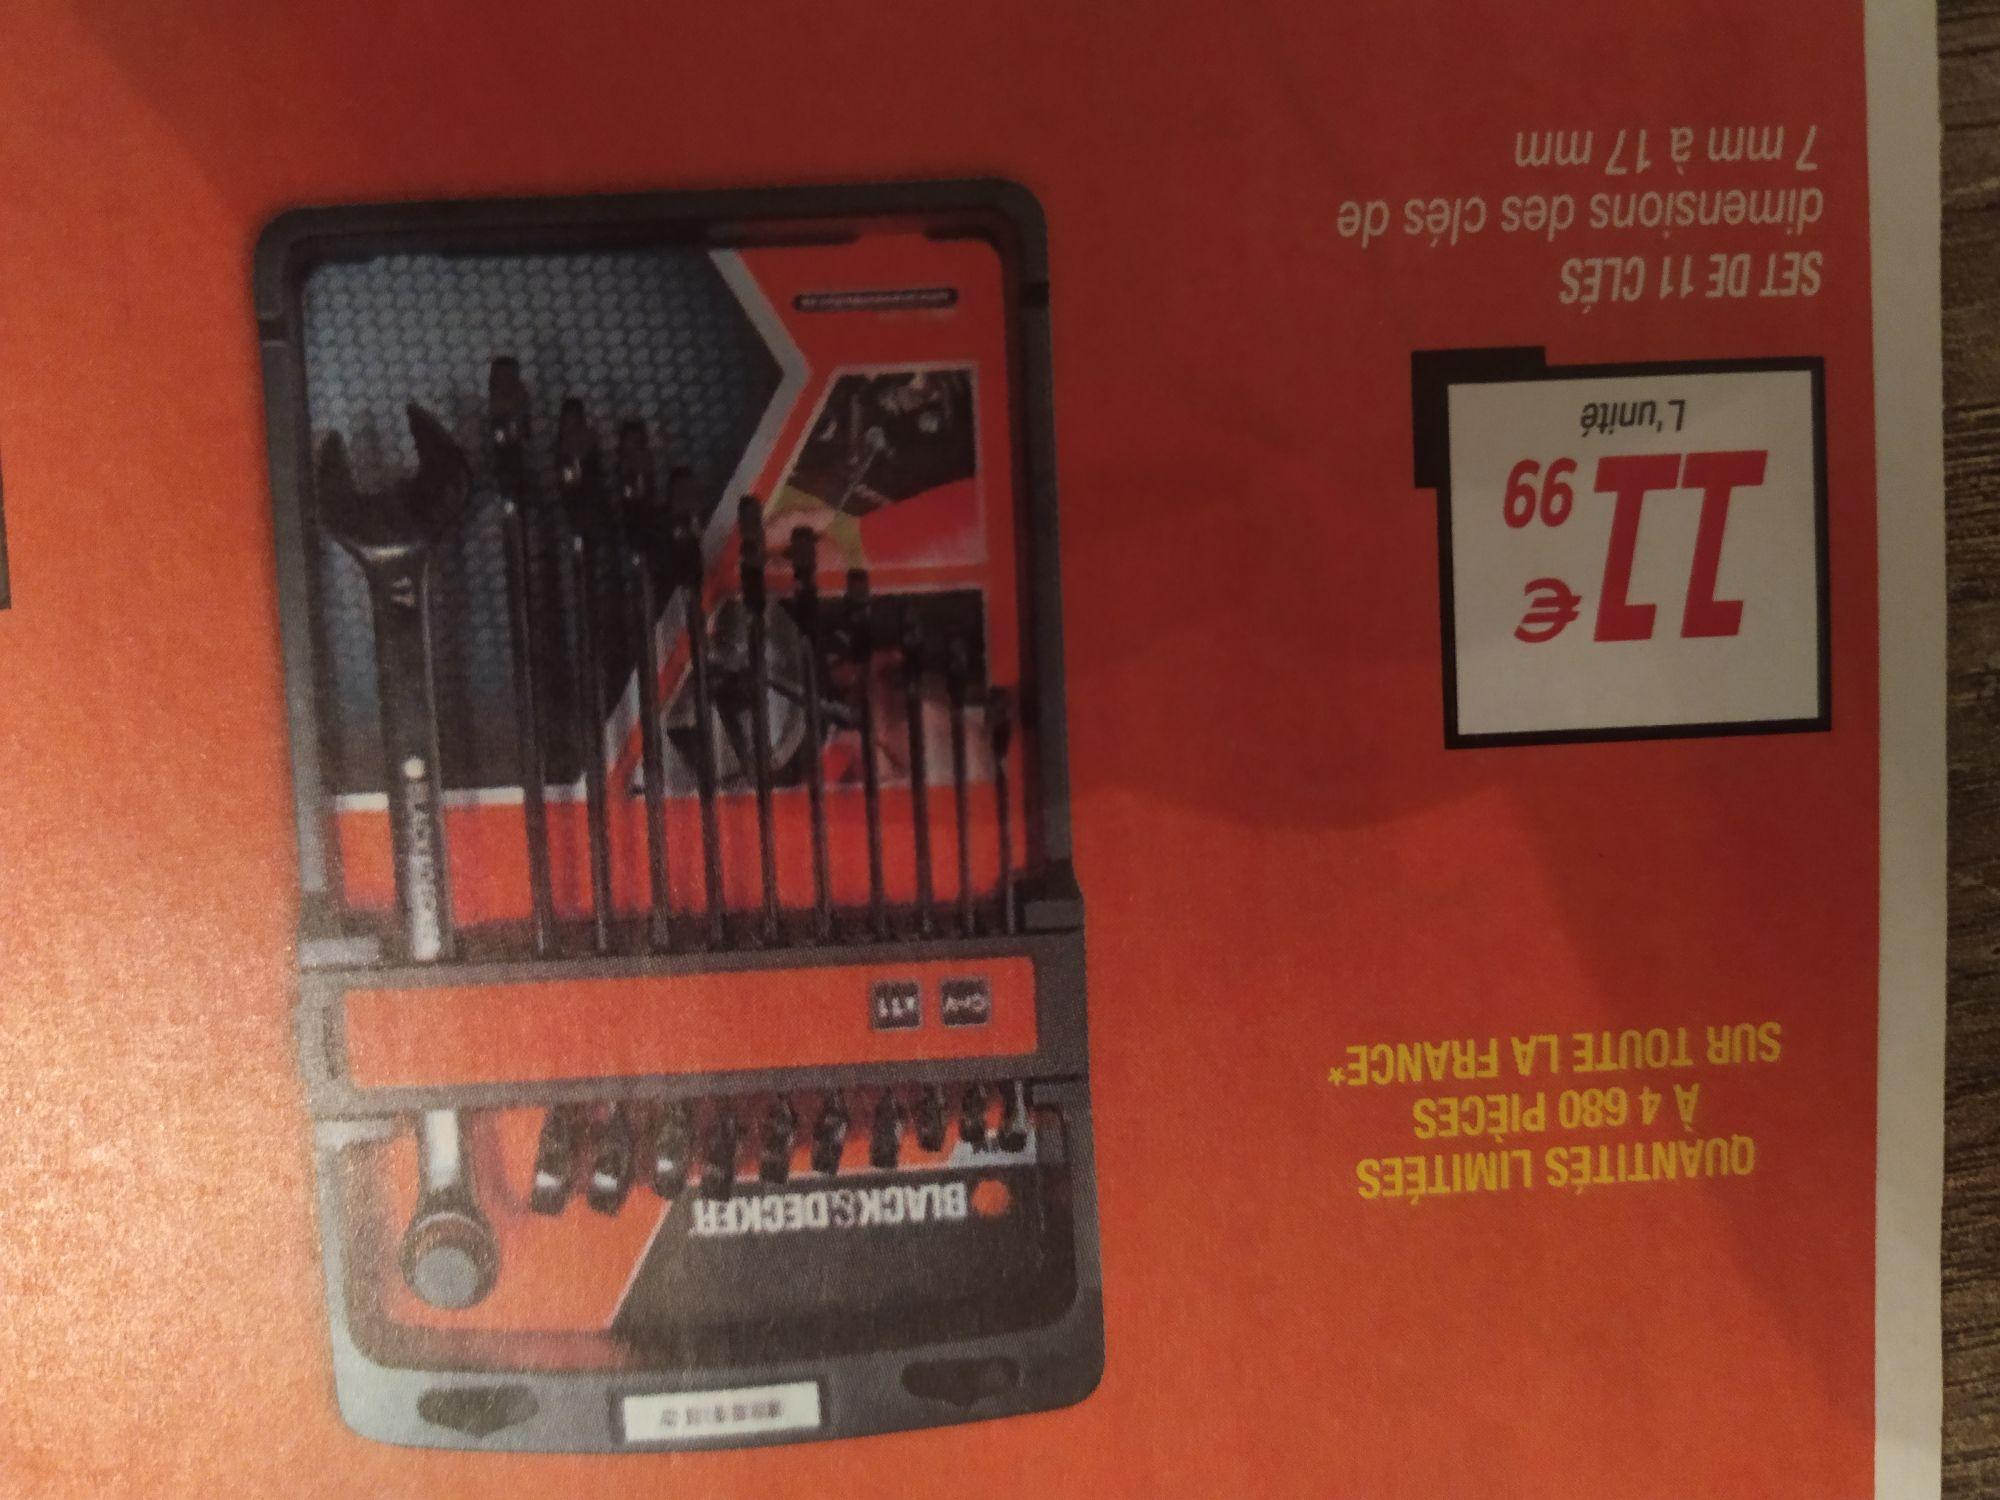 Set de 11 clés Black et Decker - 7mm à 17 mm